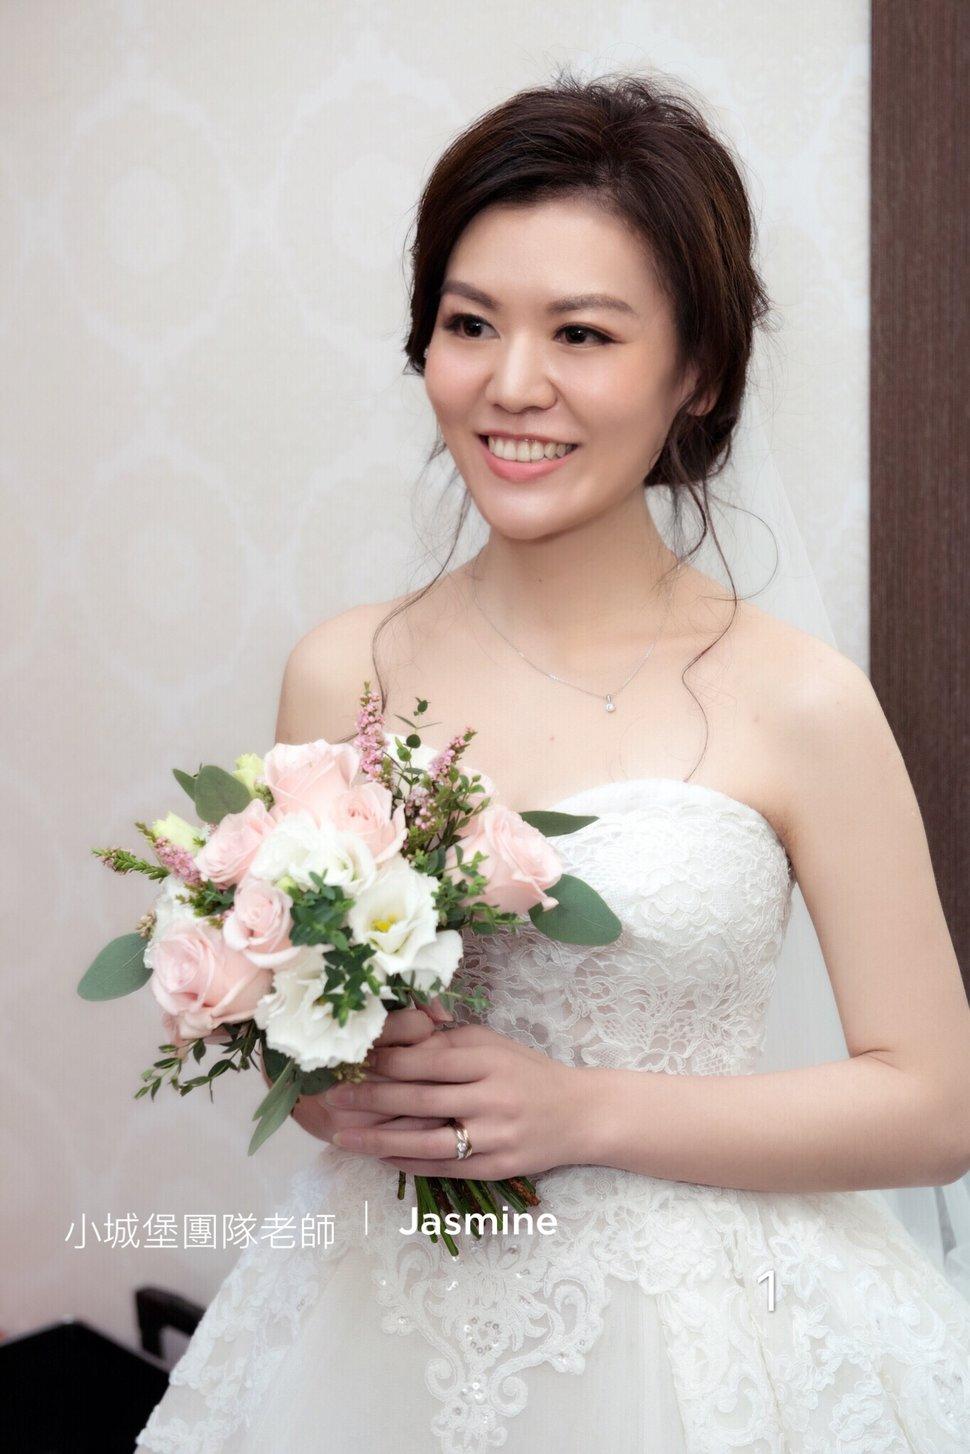 A92AE8E2-3E8A-4A7C-B04E-B8896059EC2F - Jasmine Makeup新娘秘書《結婚吧》